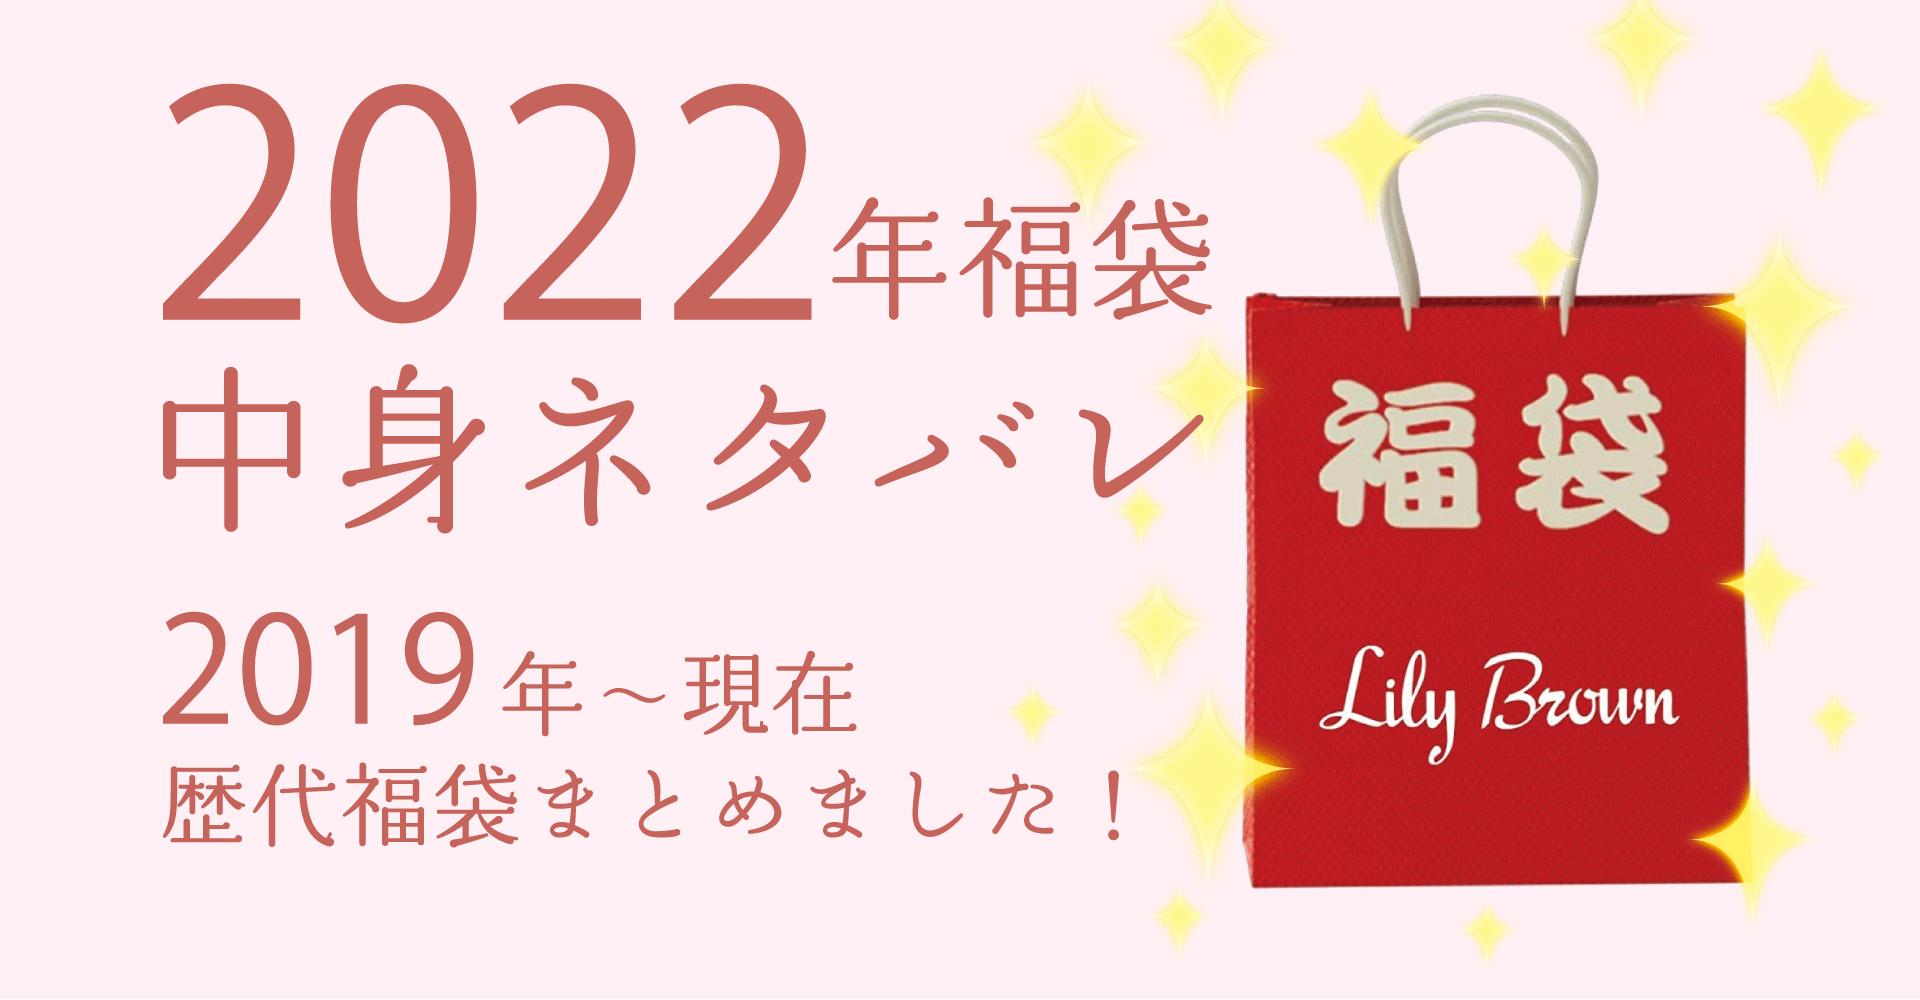 リリーブラン2022年福袋中身ネタバレ!購入方法やおすすめの通販サイトも!